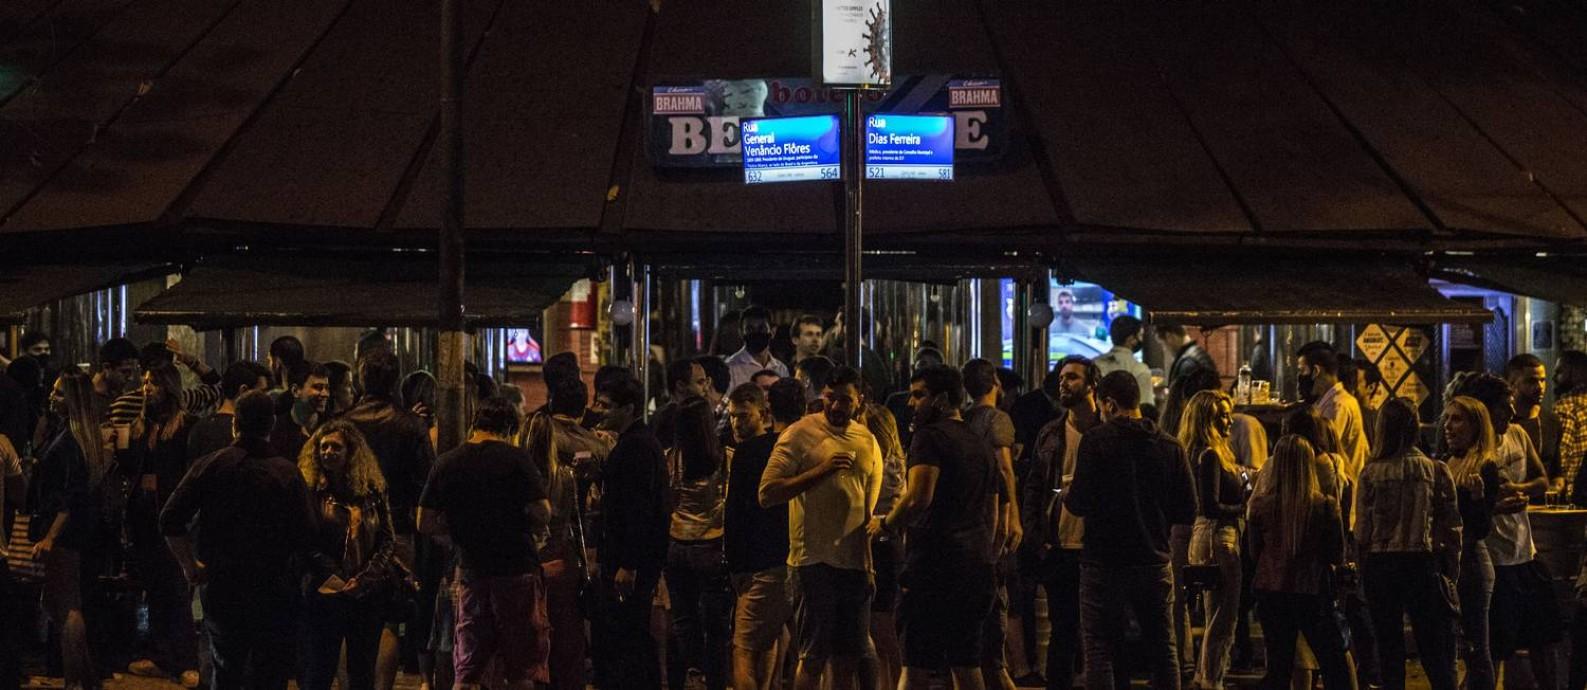 Bares do Leblon, Zona Sul do Rio, ficaram cheios na noite do último sábado Foto: Guito Moreto / Agência O Globo